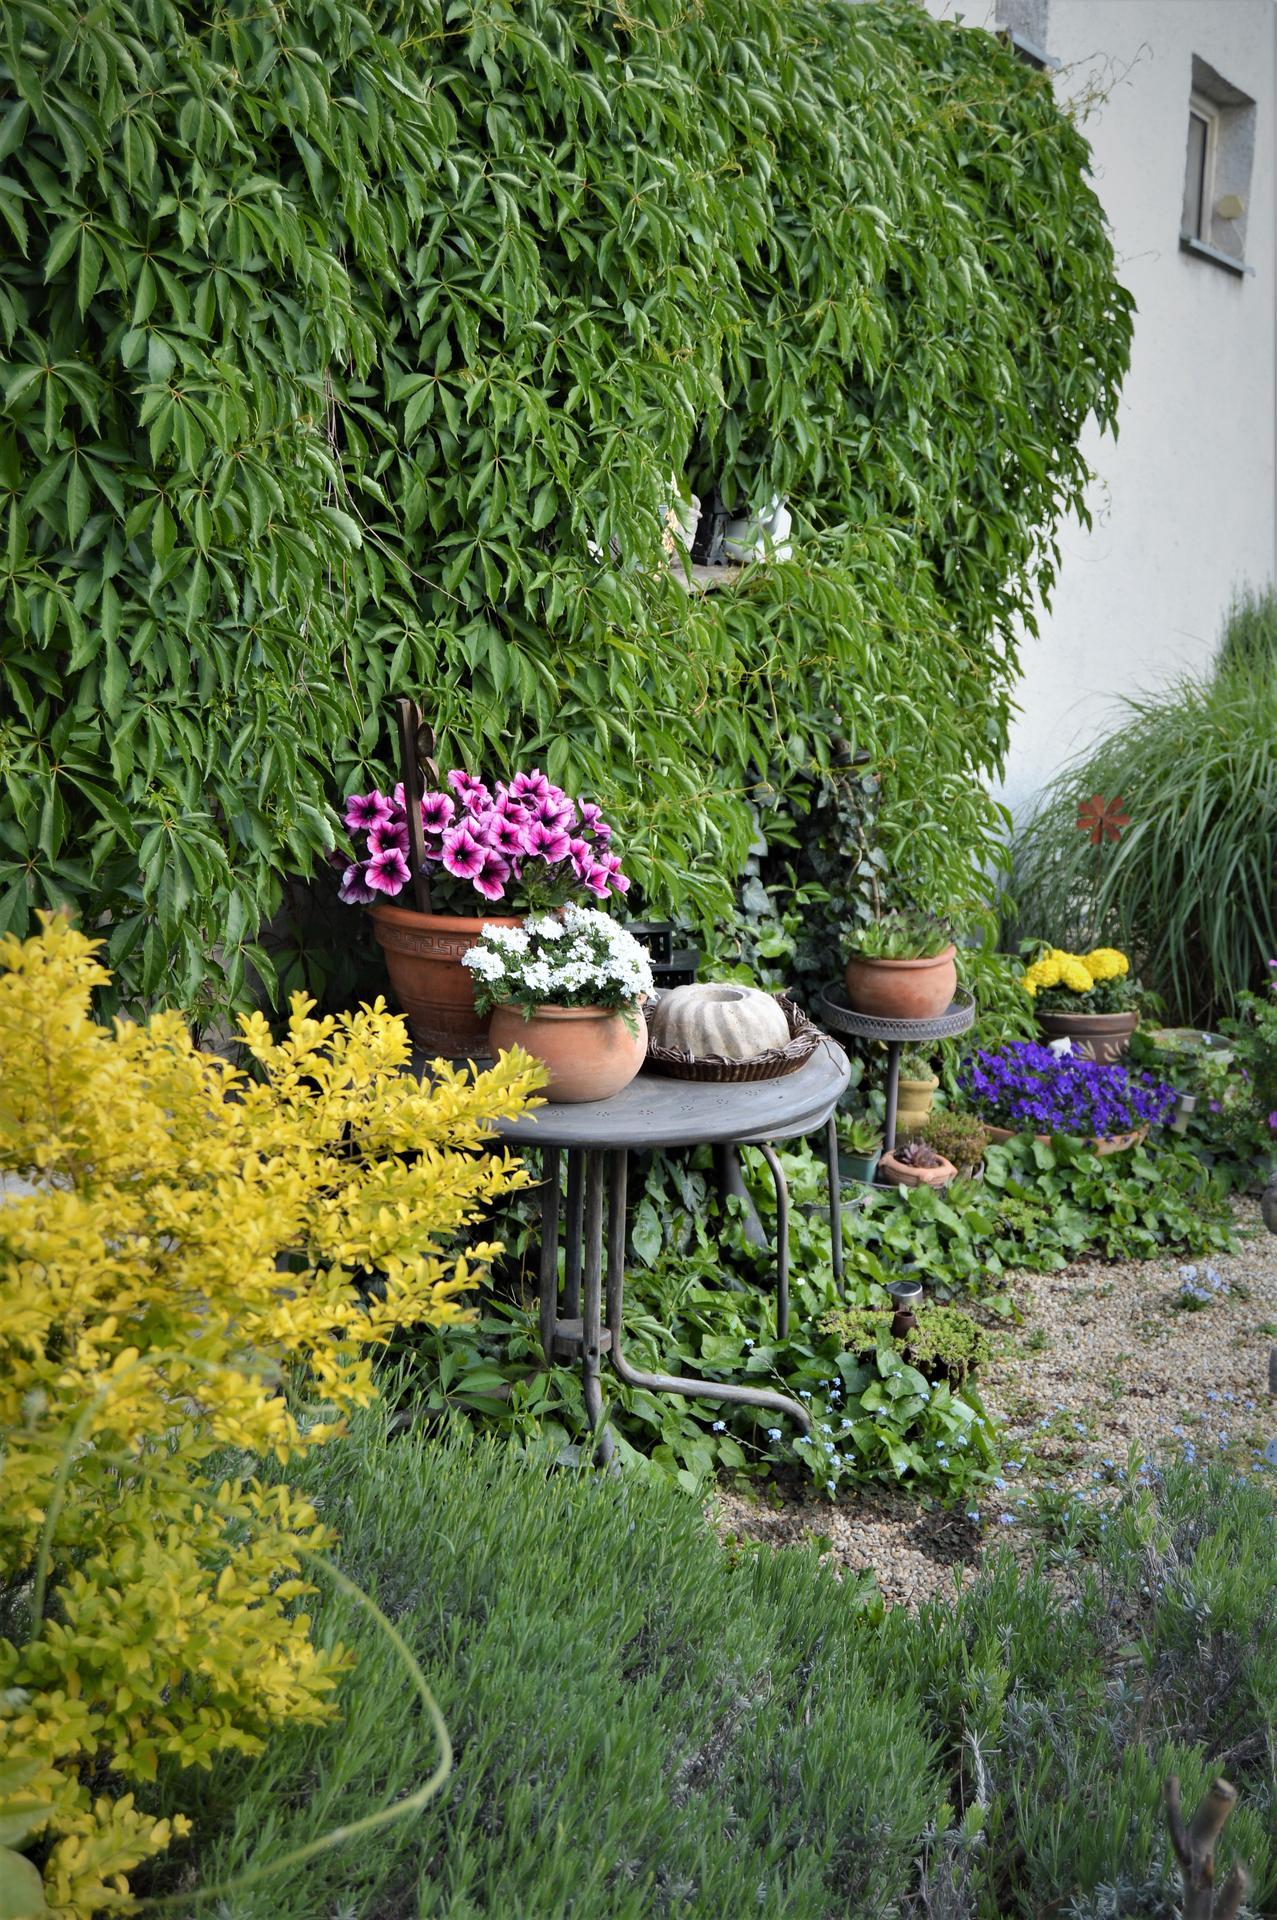 Terasa a záhrada 2020 - menšie a väčšie premeny - Obrázok č. 44